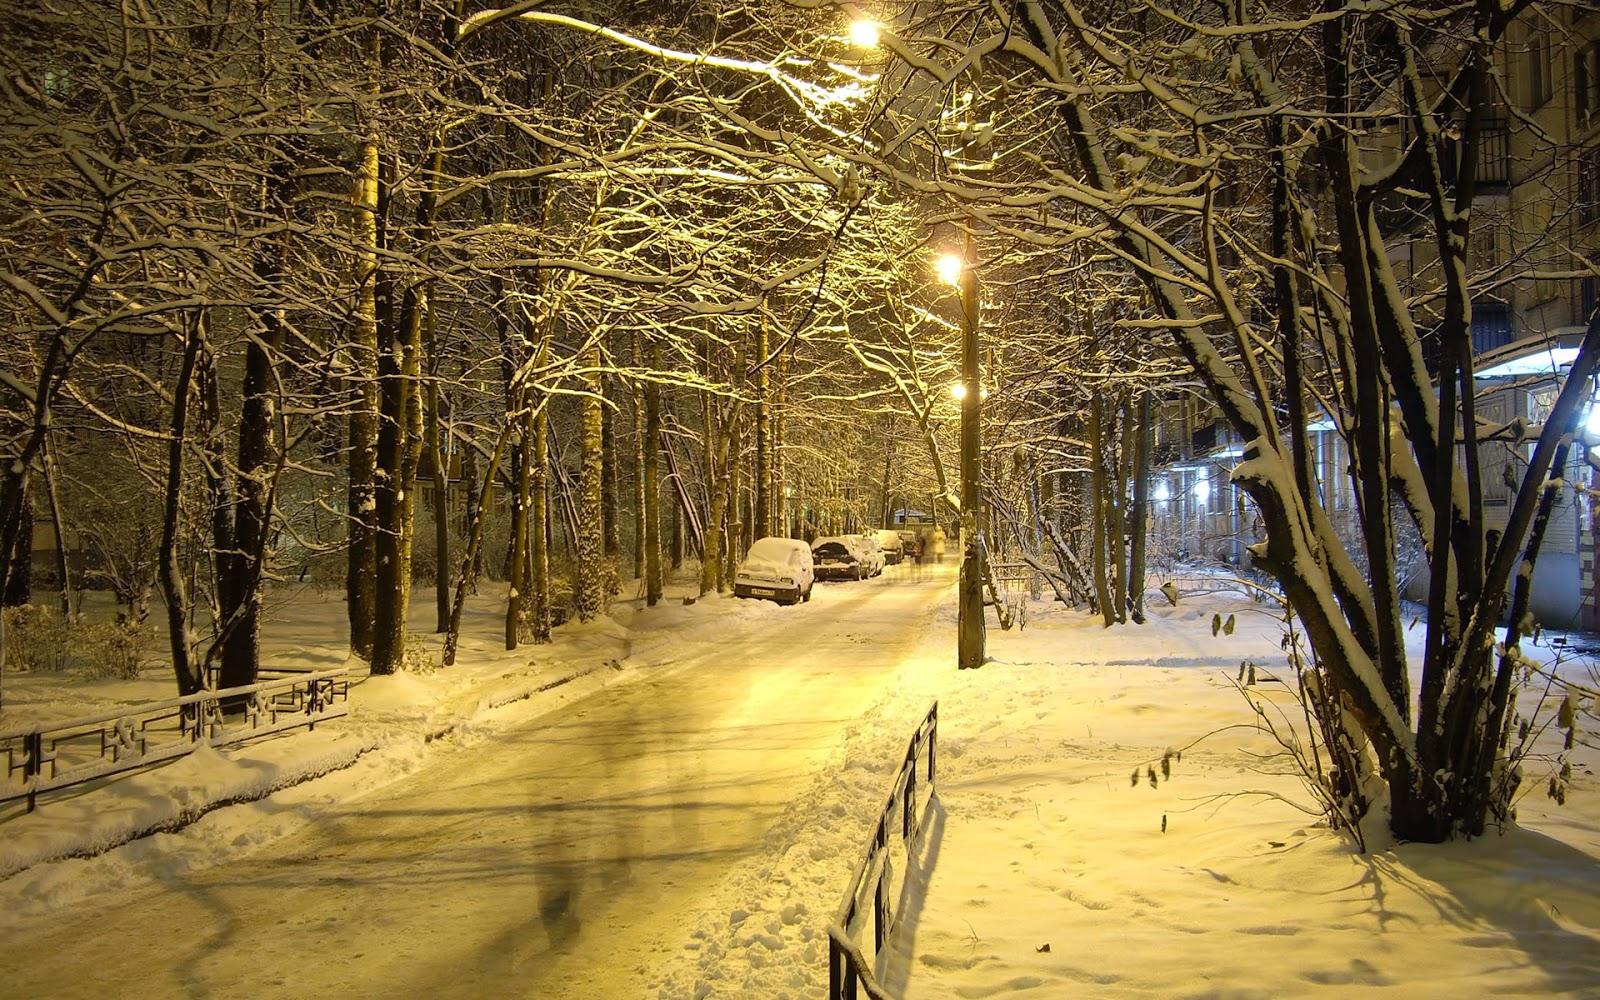 Straten met sneeuw in de winter